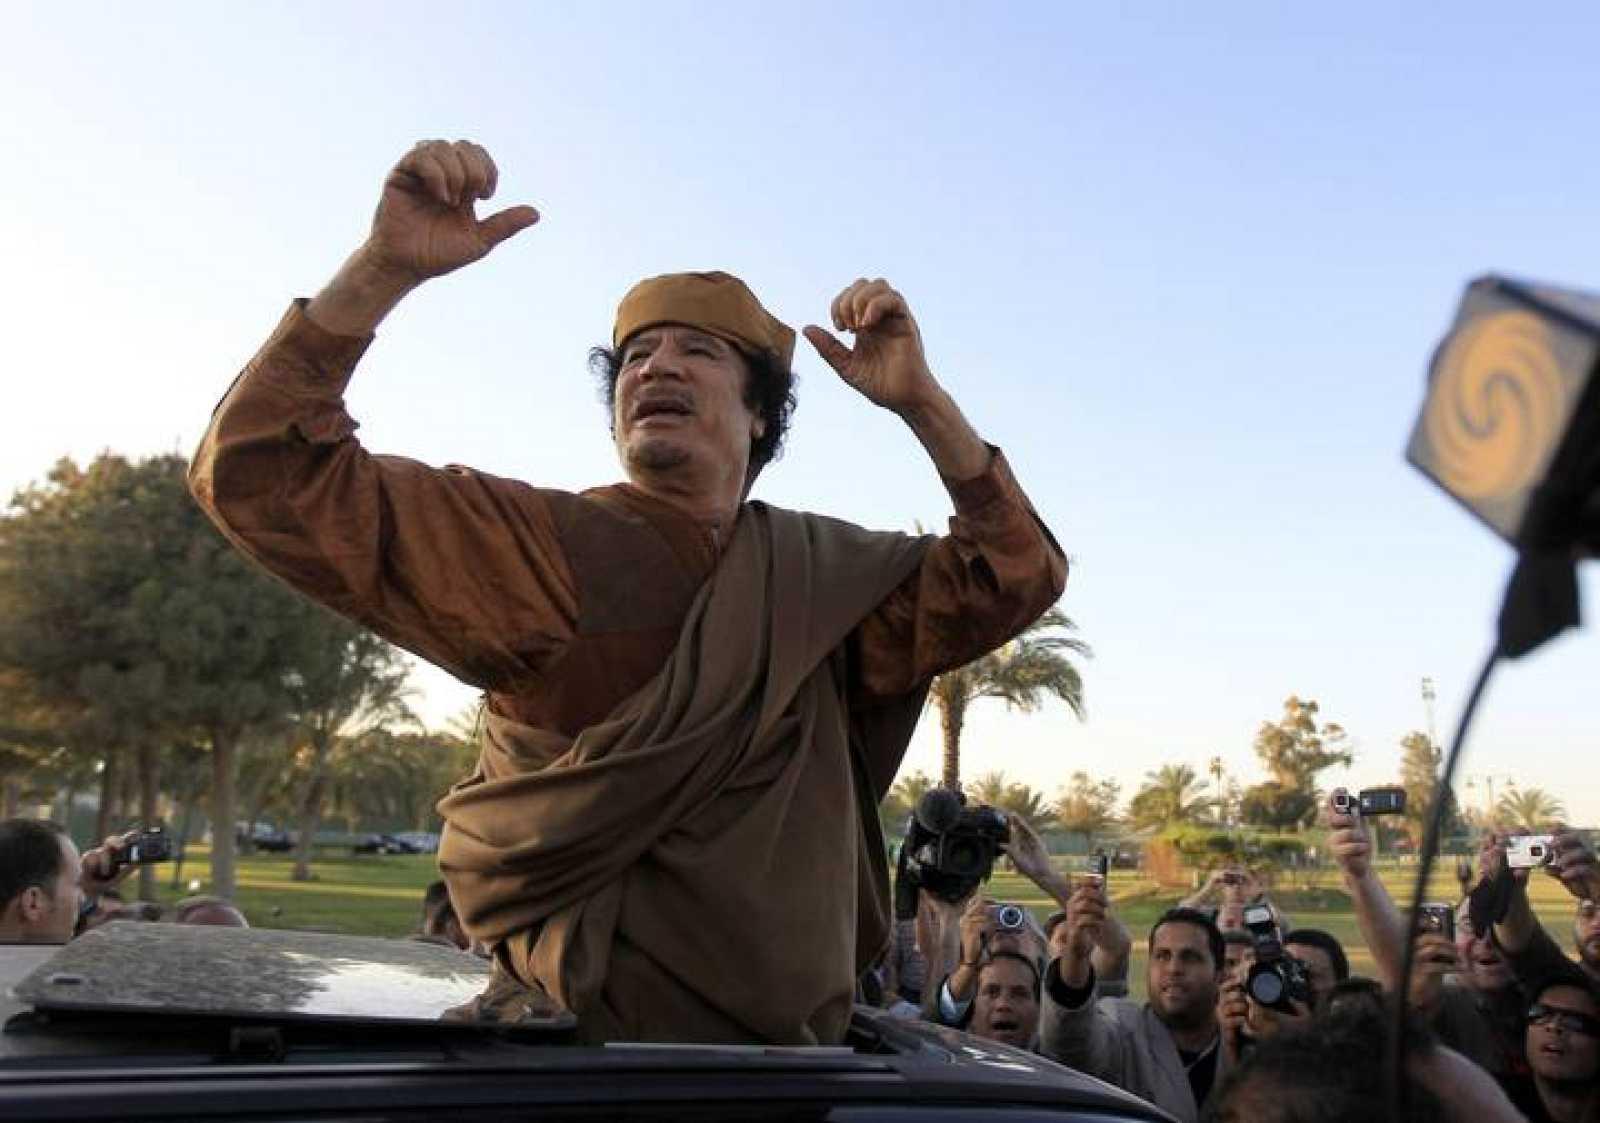 El líder libio, Muamar el Gadafi, asegura haberse refugiado lejos de las bombas de la OTAN.